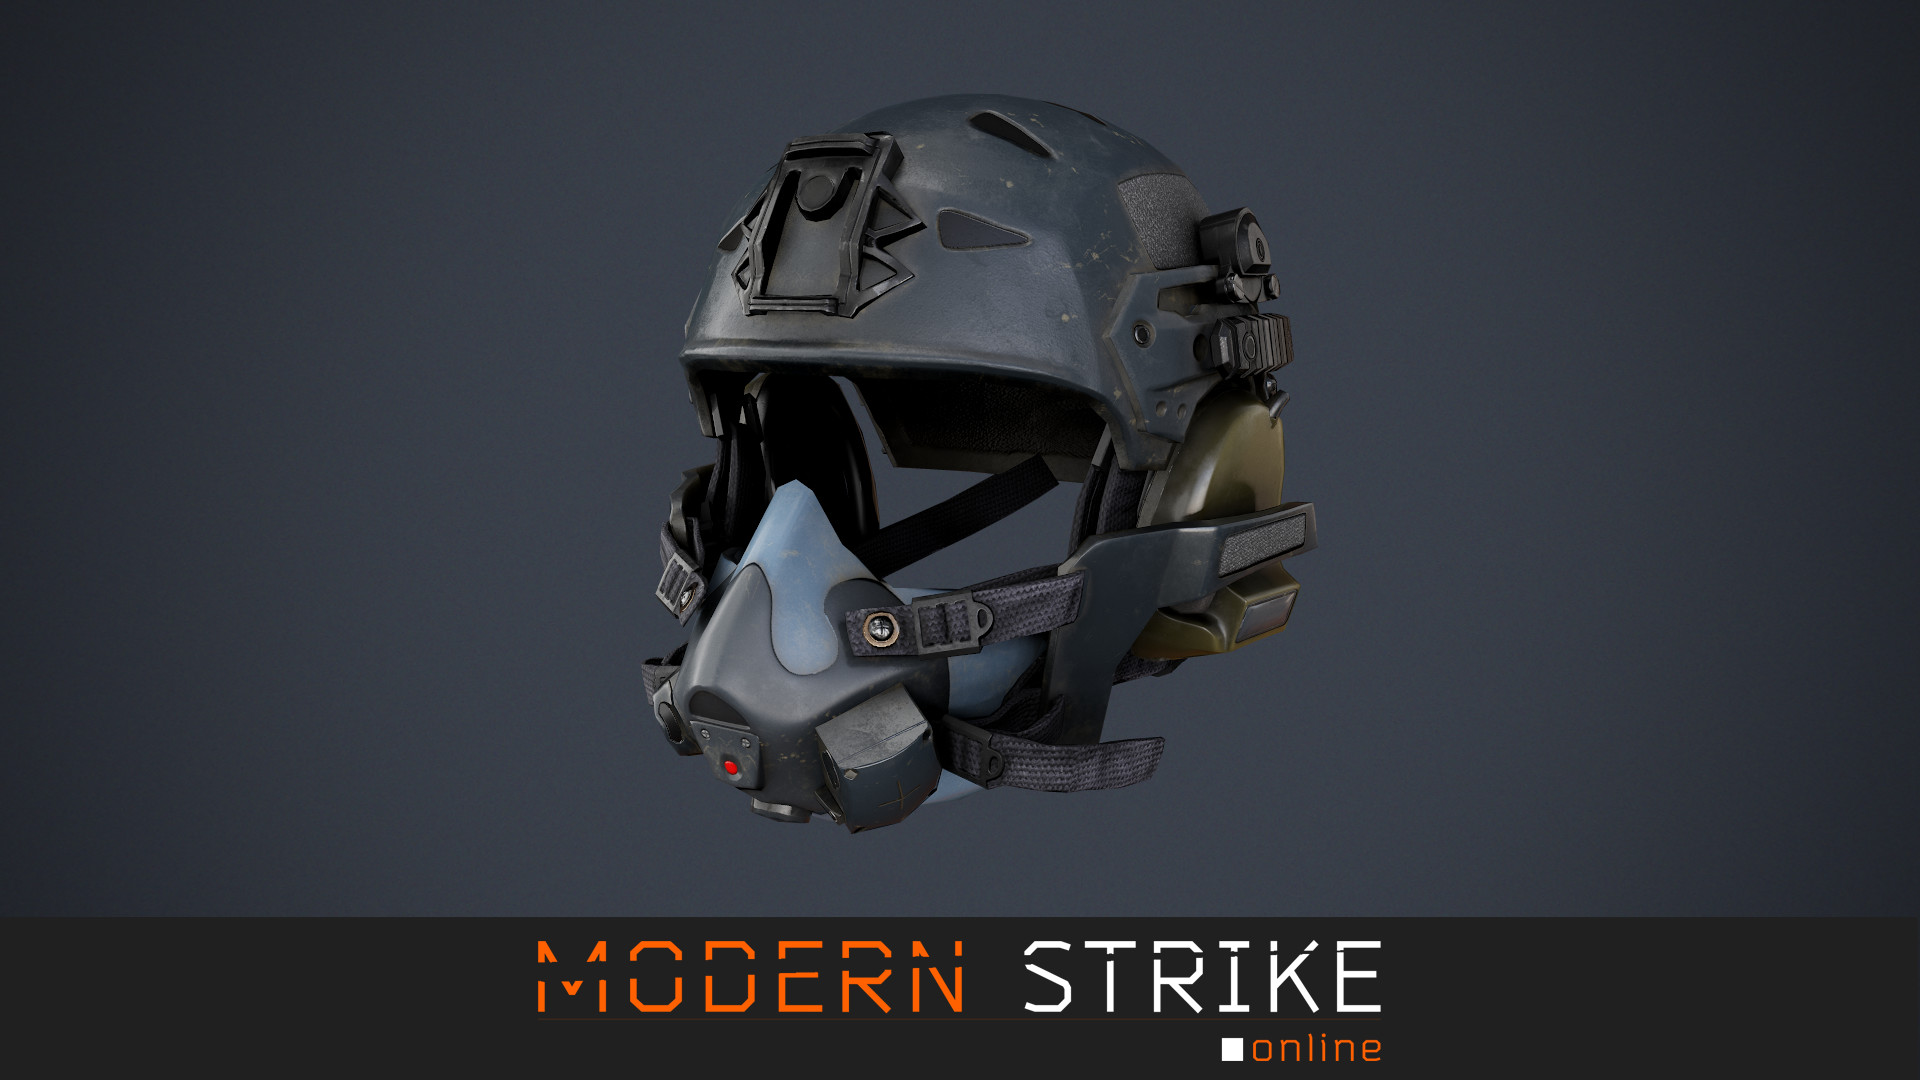 Strak En Modern : Modern strike online upgrade g youtube